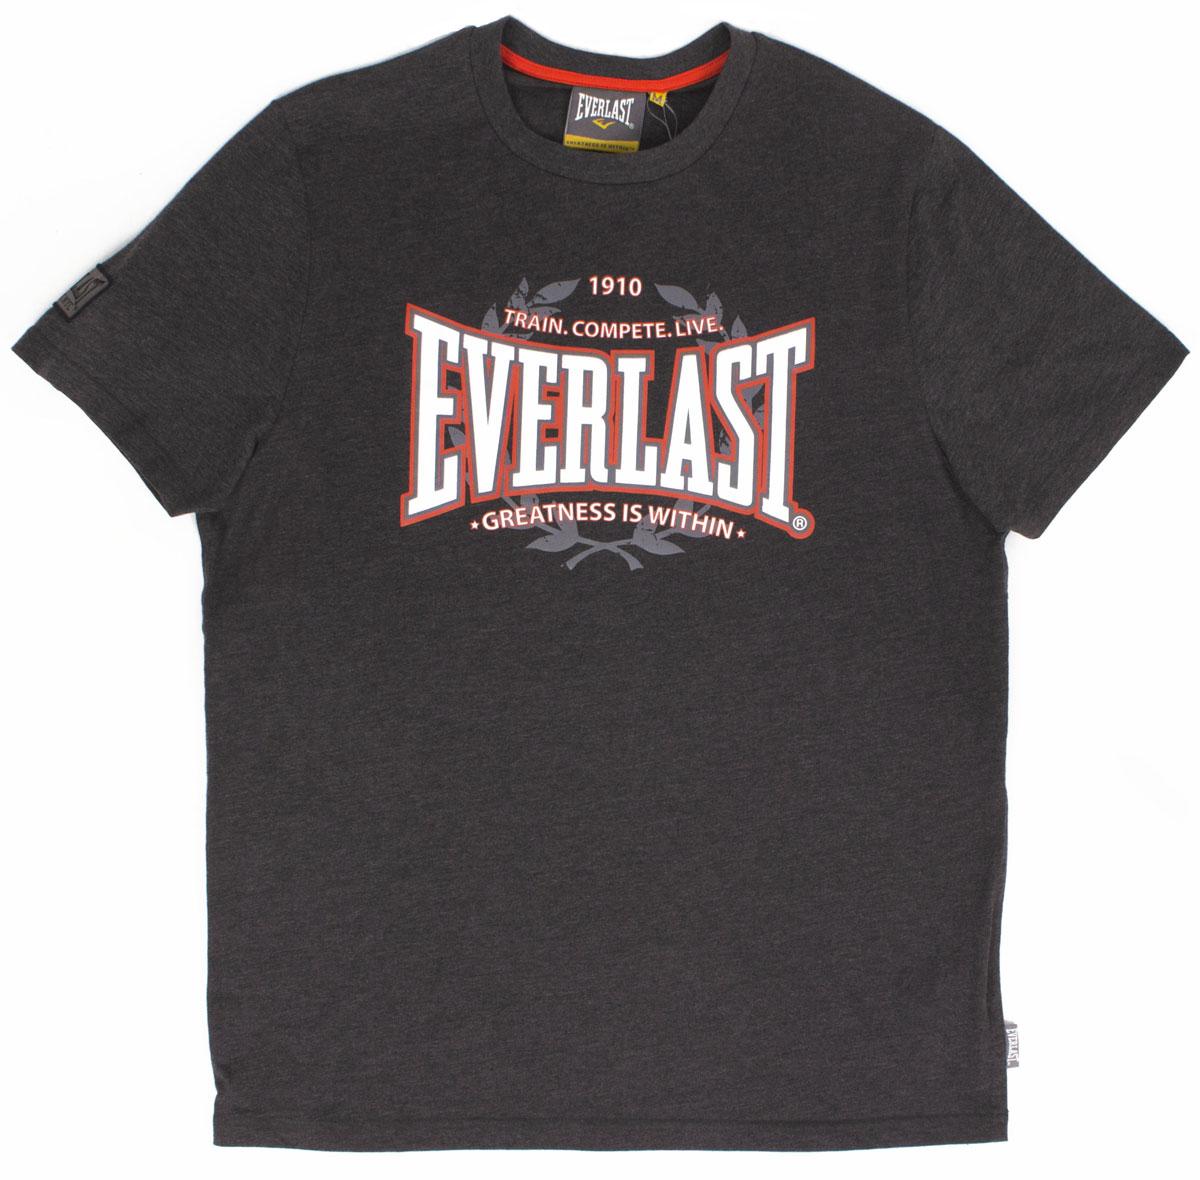 Футболка мужская Everlast Heritage, цвет: серый. EVR6520. Размер S (46/48) kimio s k470l everlast